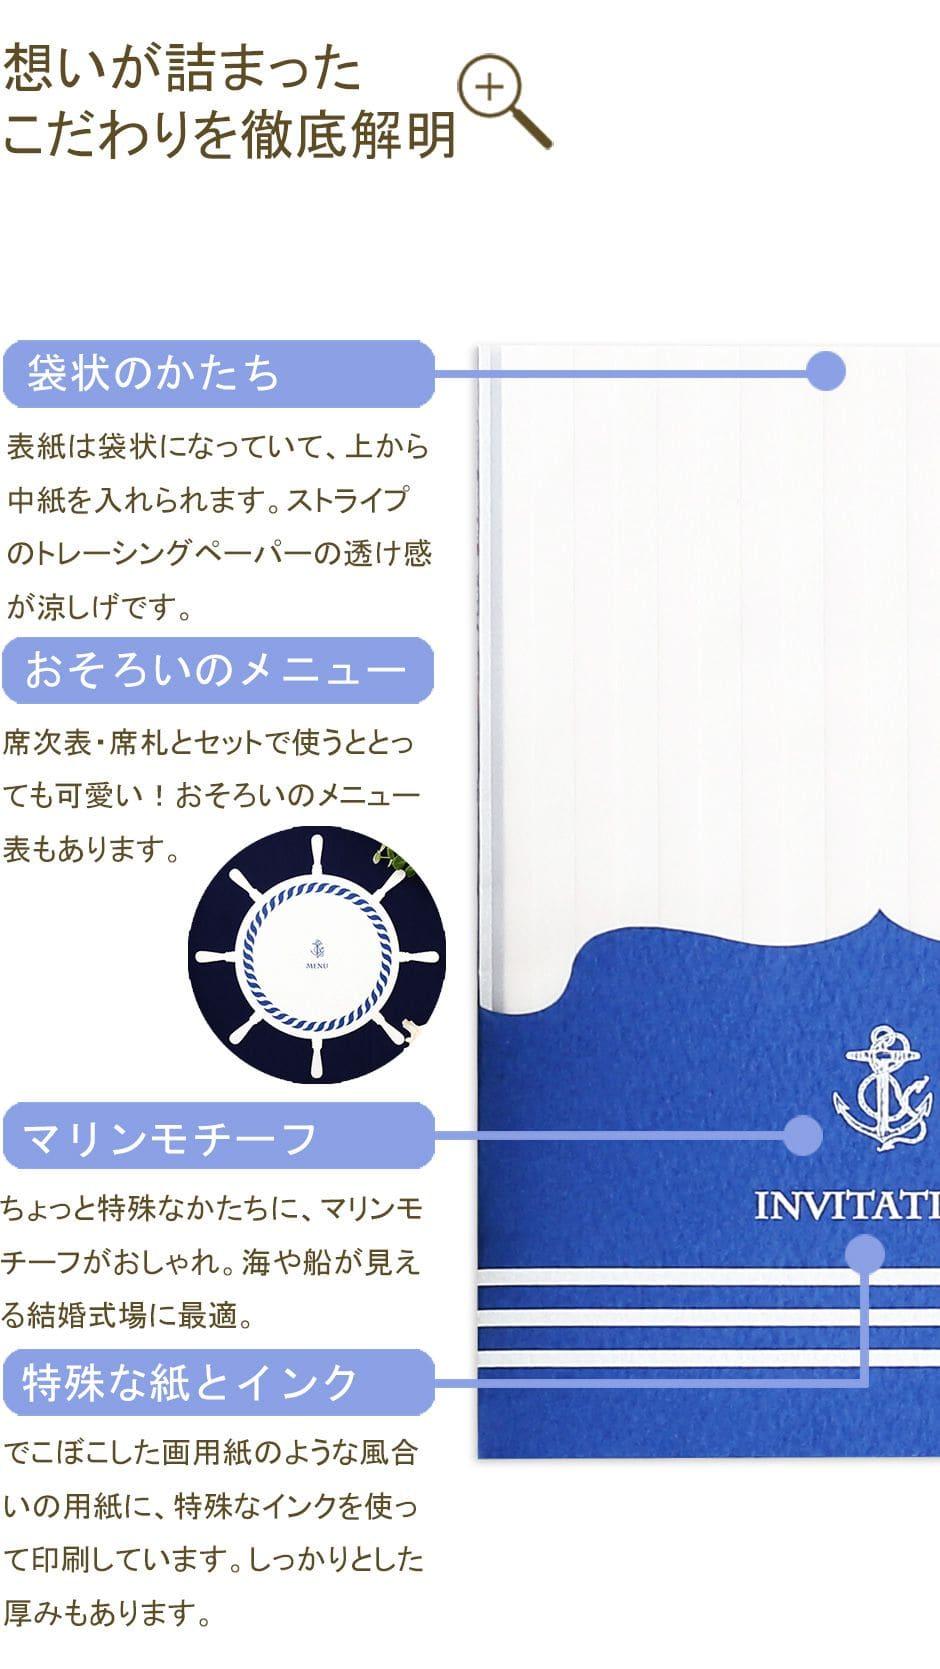 招待状のデザインを徹底解明